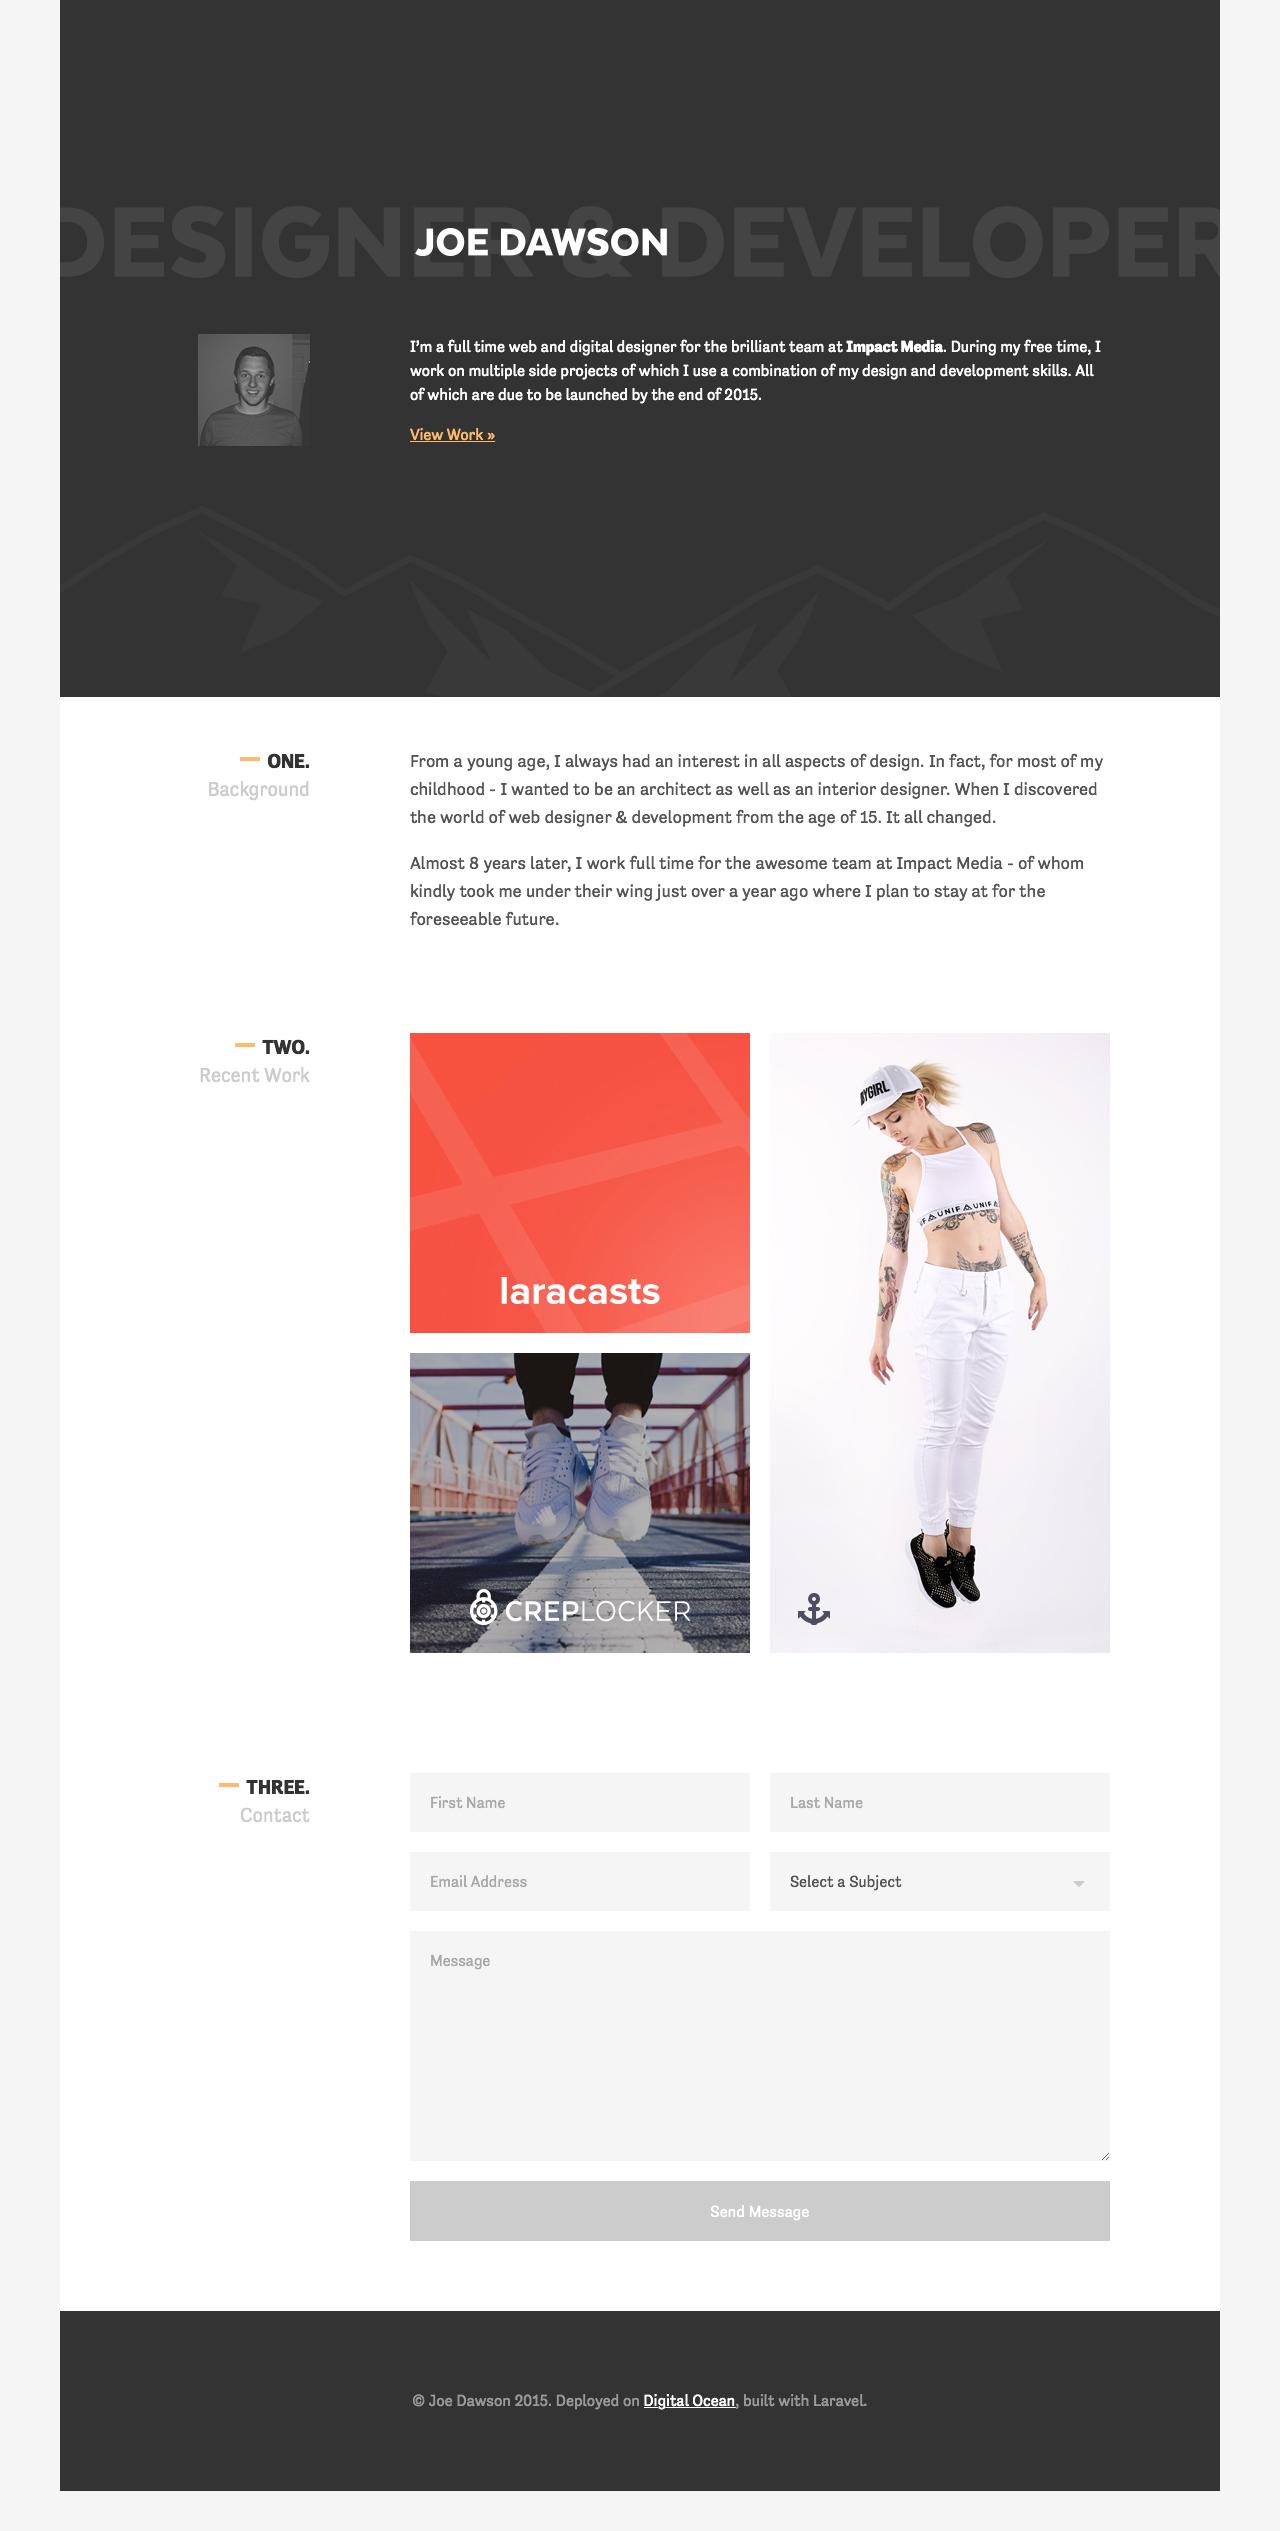 Joe Dawson Website Screenshot